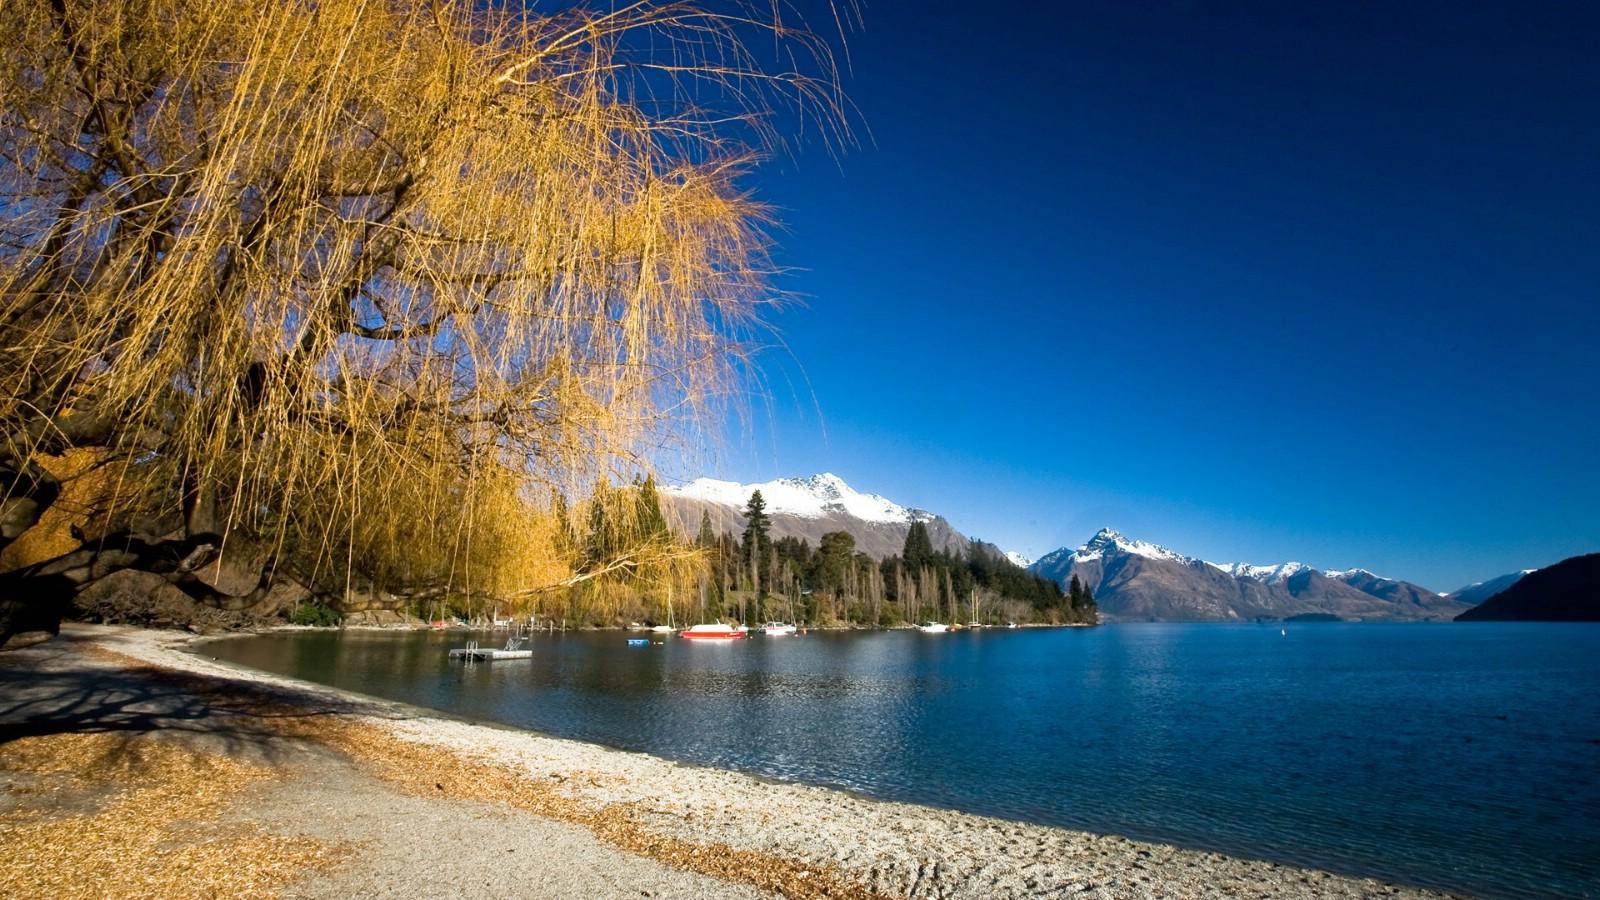 Zealand壁纸,新西兰的山水如画壁纸壁纸图片